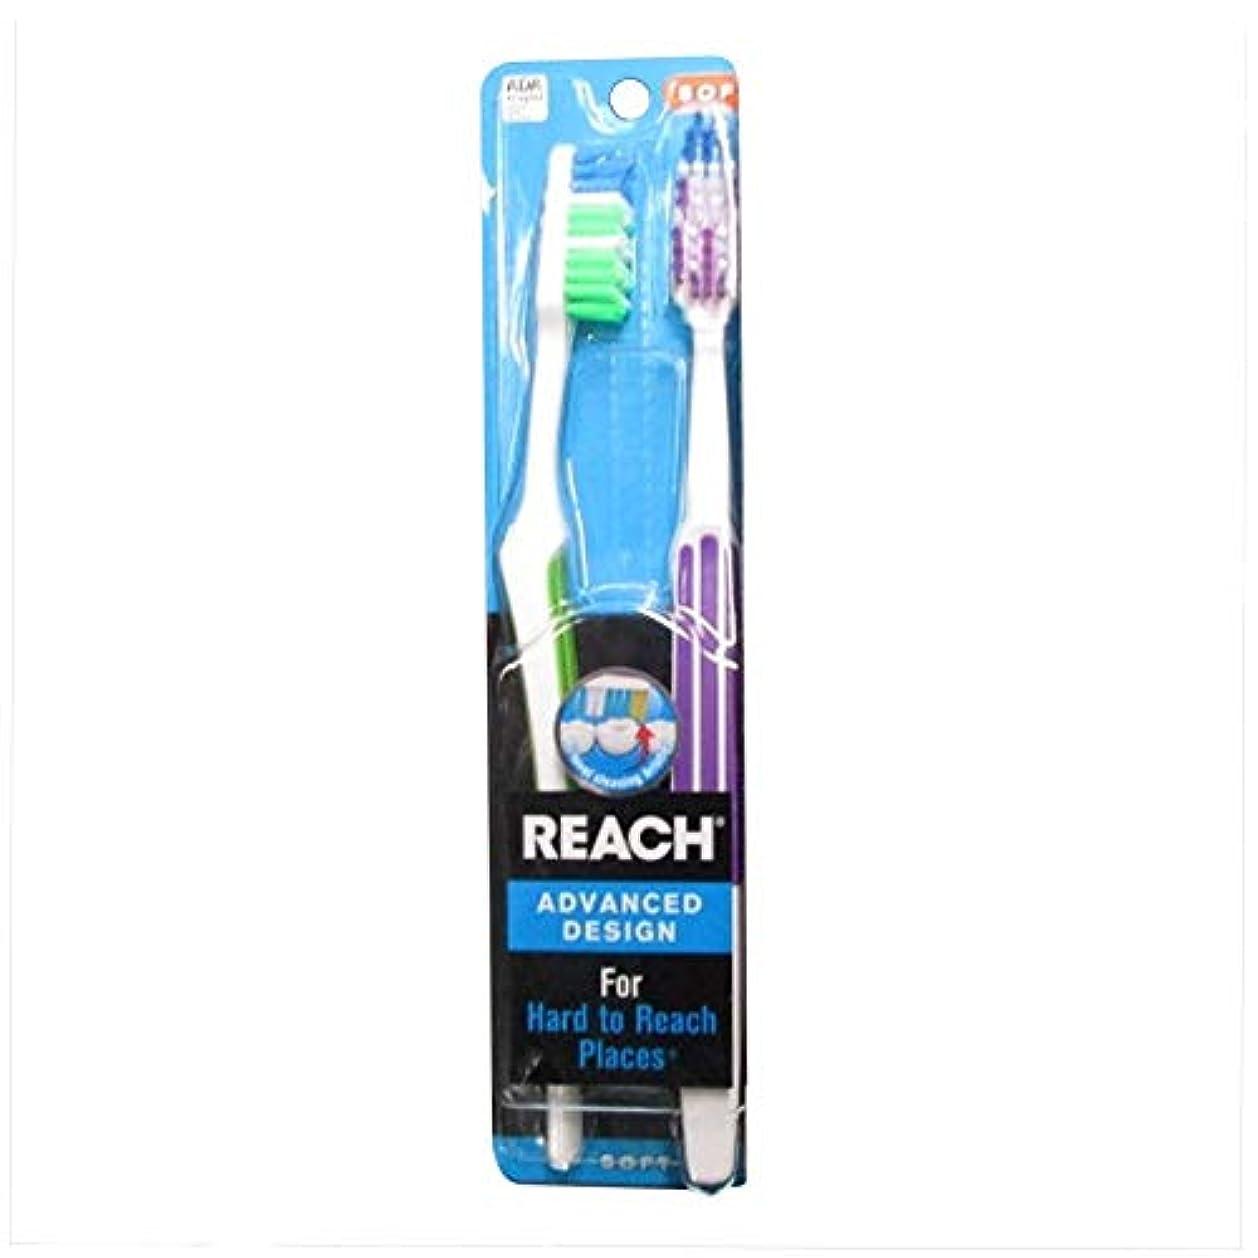 忠誠死にかけている足首Reach 高度なデザイン完全な頭部柔らかい歯ブラシ、盛り合わせ色、2カウント(2パック)合計4歯ブラシ